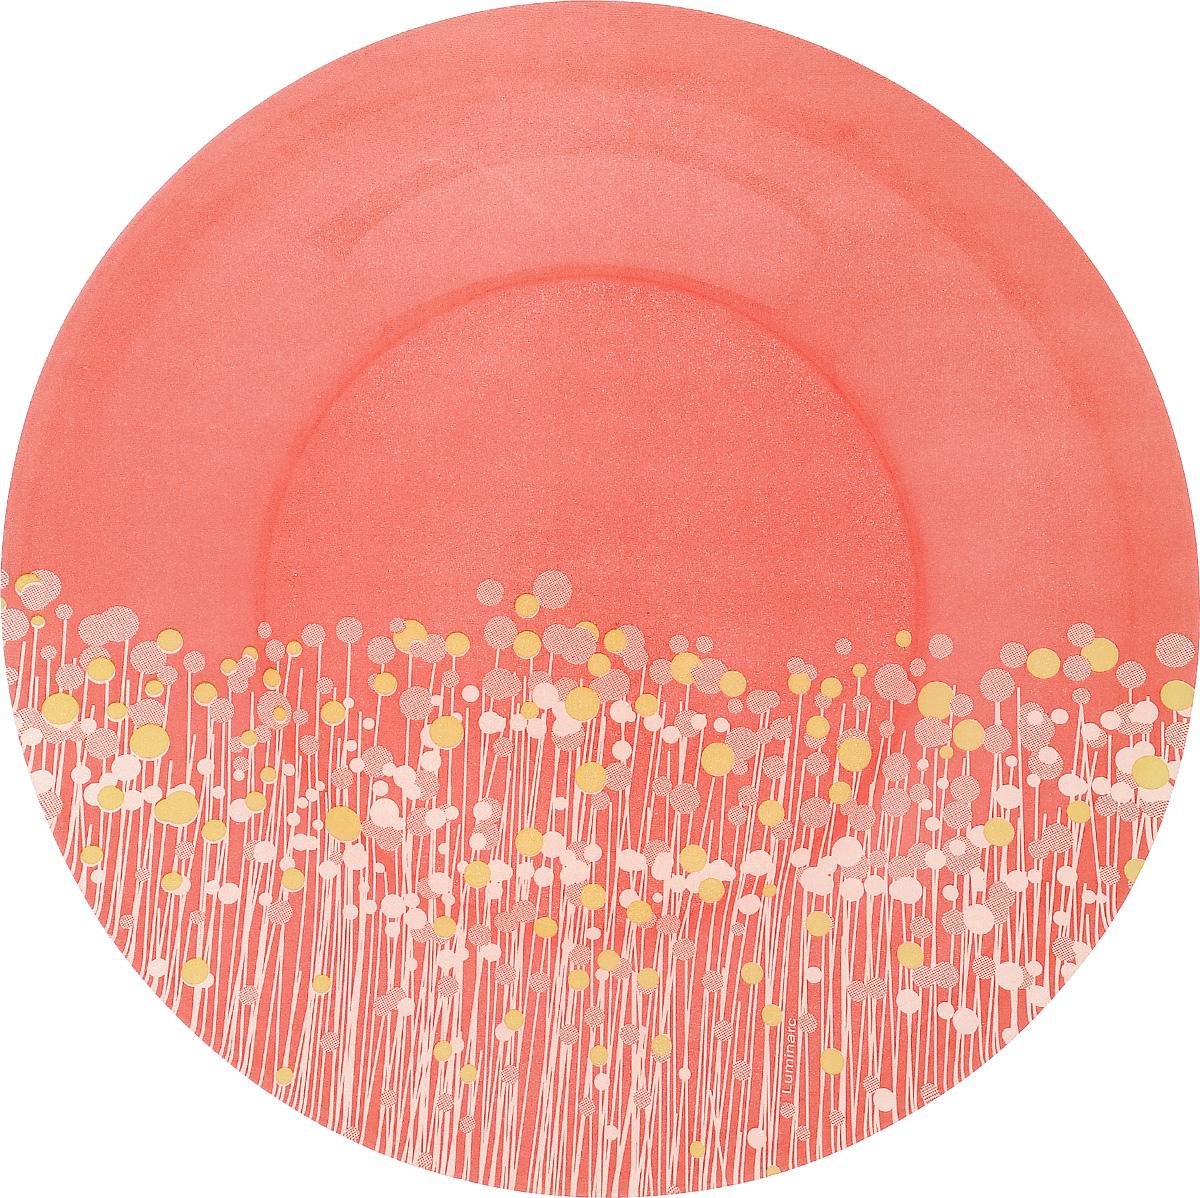 """Десертная тарелка Luminarc """"Flowerfield Red"""", изготовленная из  ударопрочного стекла, имеет изысканный  внешний вид.  Такая тарелка прекрасно подходит как для  торжественных случаев, так и для повседневного  использования.  Идеальна для подачи десертов, пирожных, тортов и  многого другого. Она прекрасно оформит стол и станет  отличным дополнением к вашей коллекции кухонной  посуды.  Диаметр тарелки (по верхнему краю): 19,5 см."""